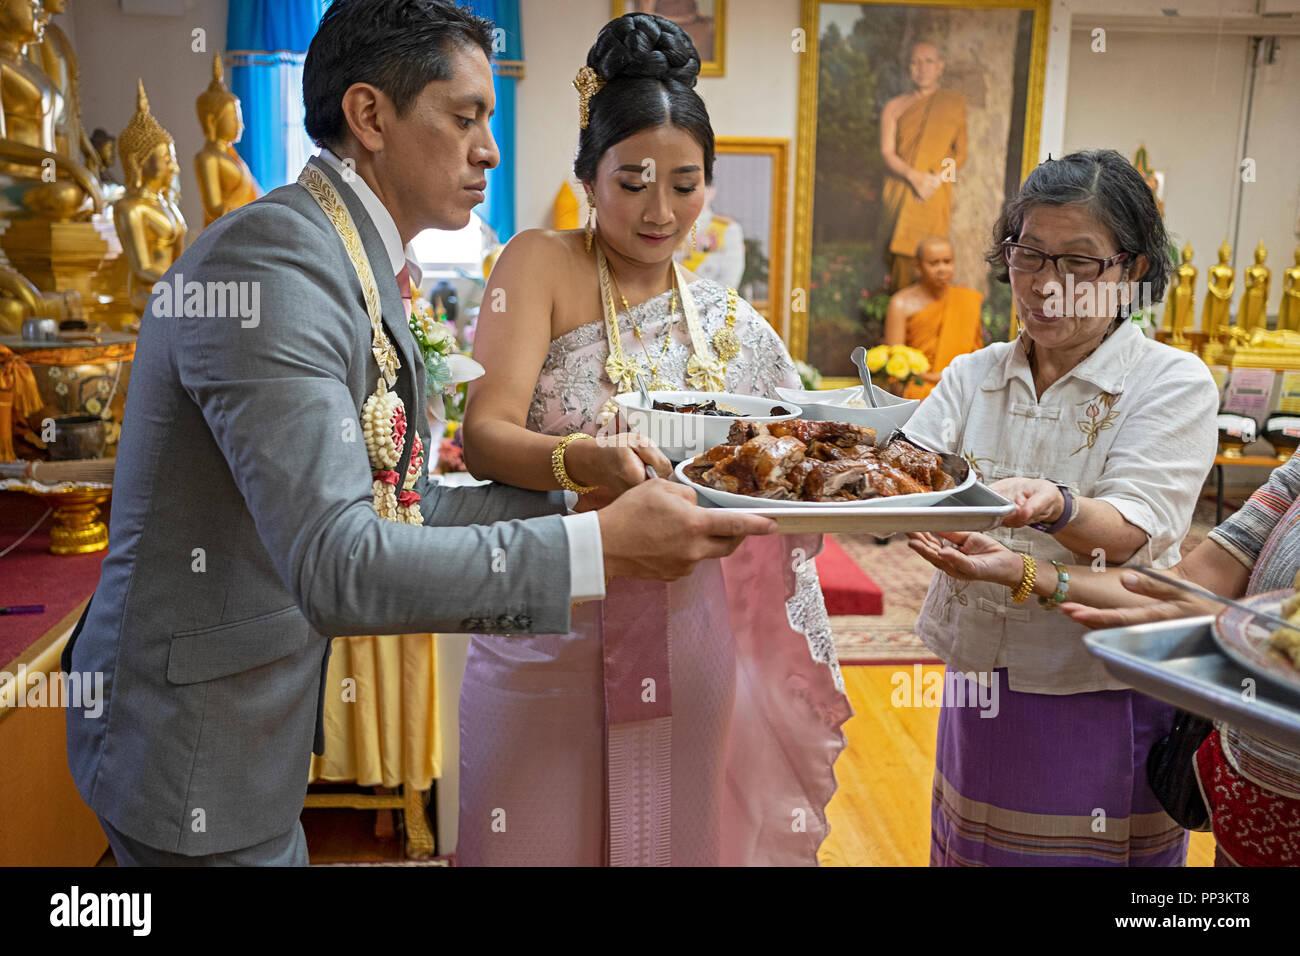 Brautpaar in einem buddhistischen Tempel in der Tradition, wo die Gemeinde die Fütterung der Mönche teilnehmen. In Queens in New York City. Stockbild